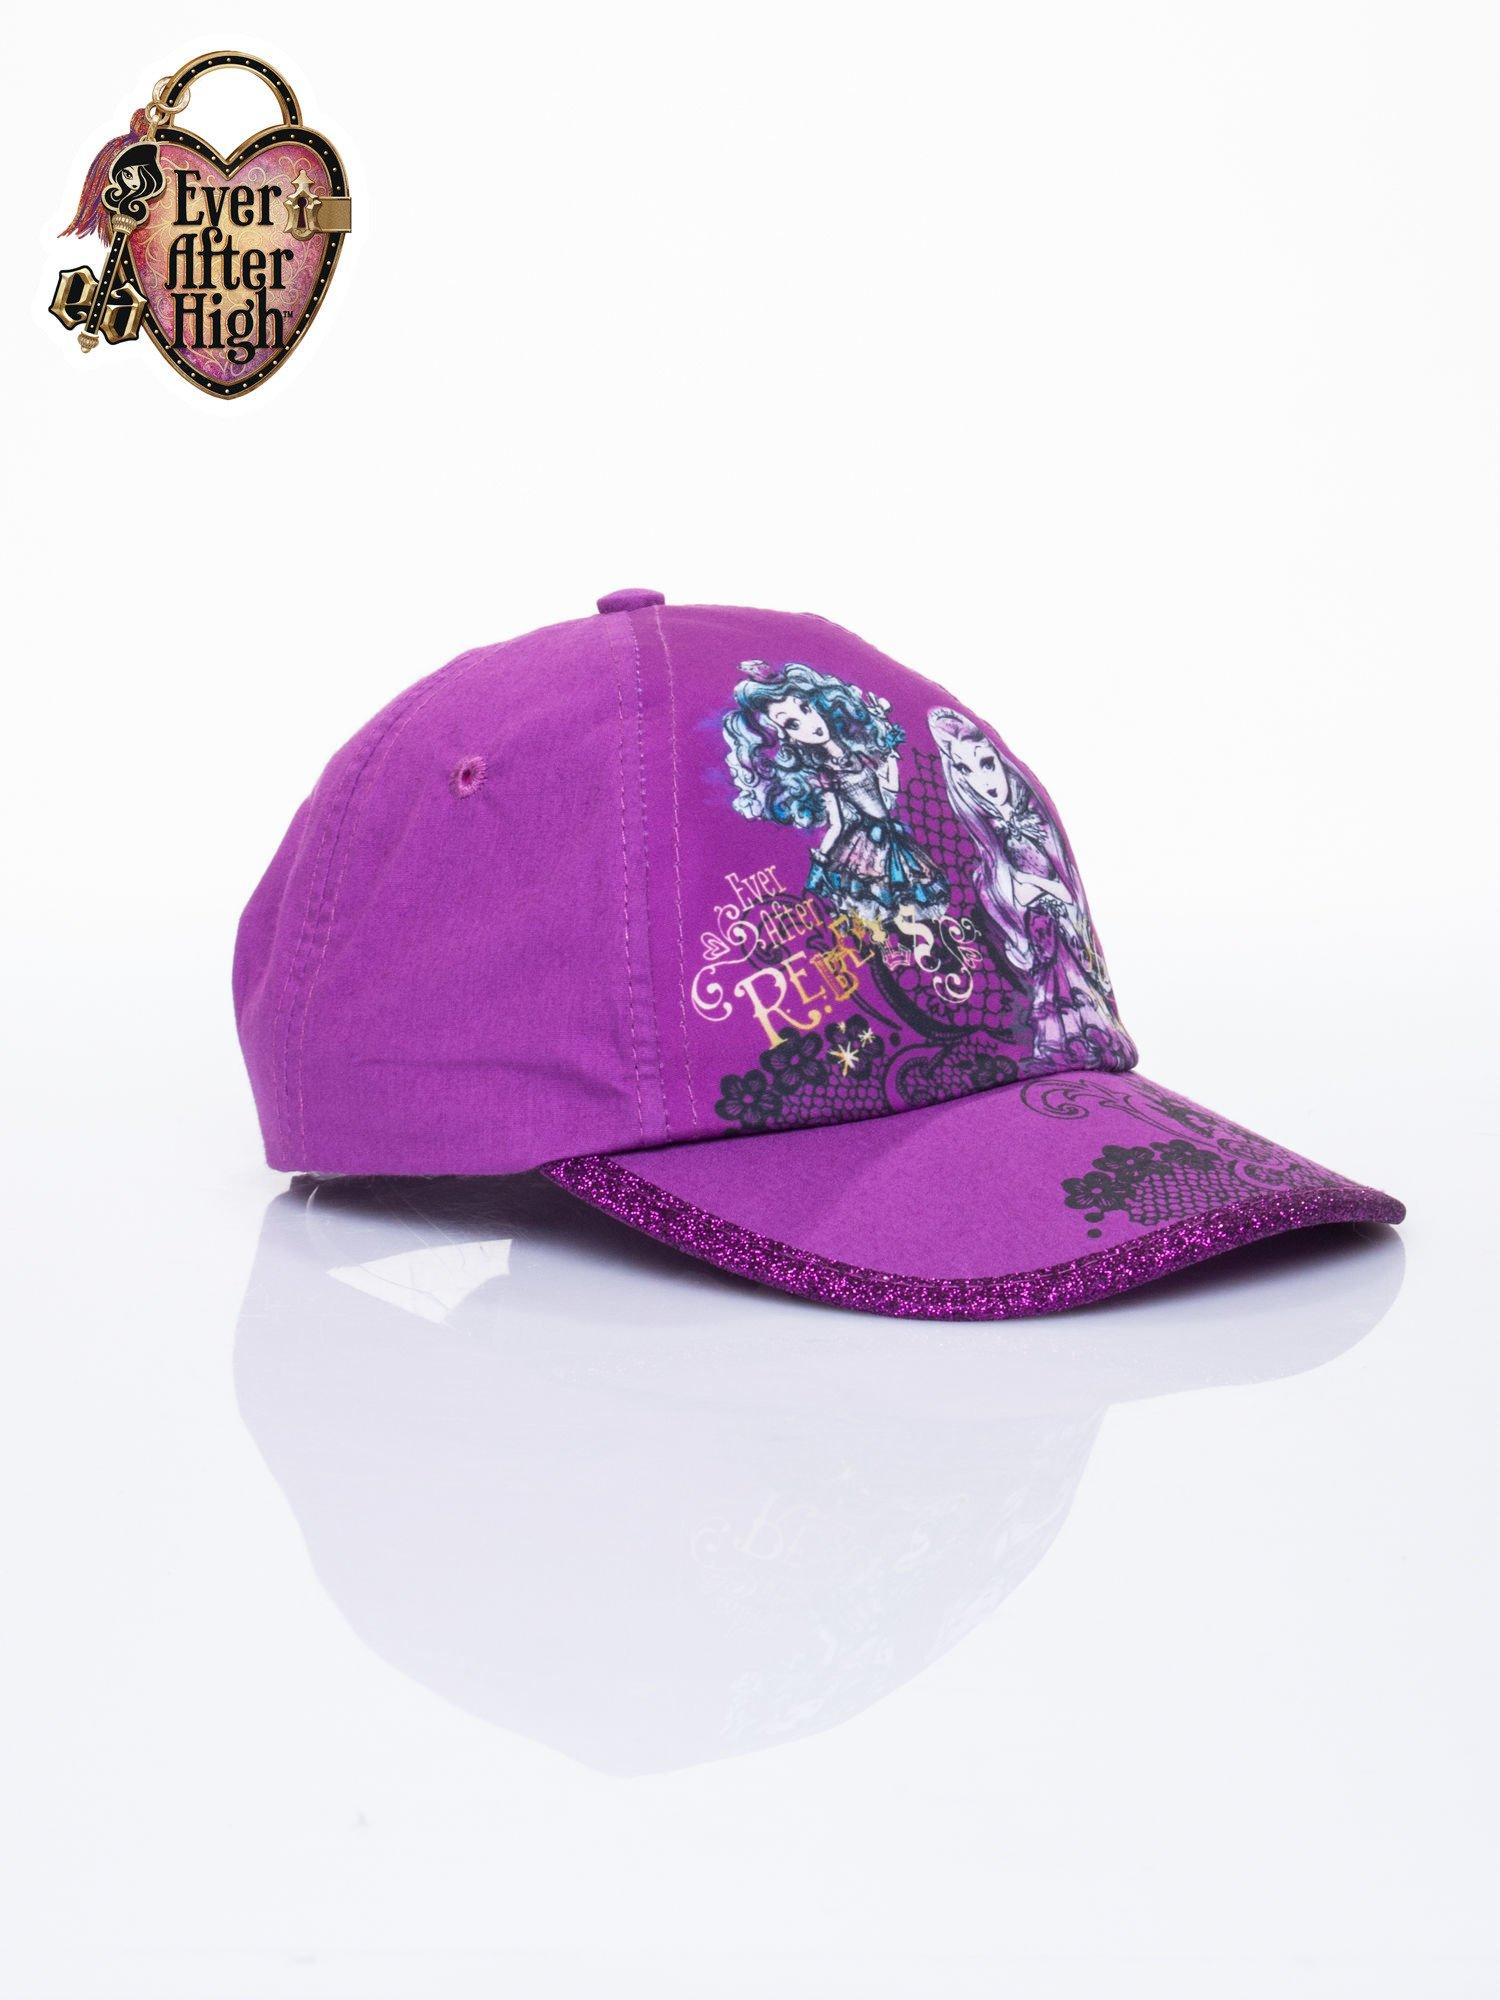 Fioletowa czapka z daszkiem dla dziewczynki EVER AFTER HIGH                                  zdj.                                  2